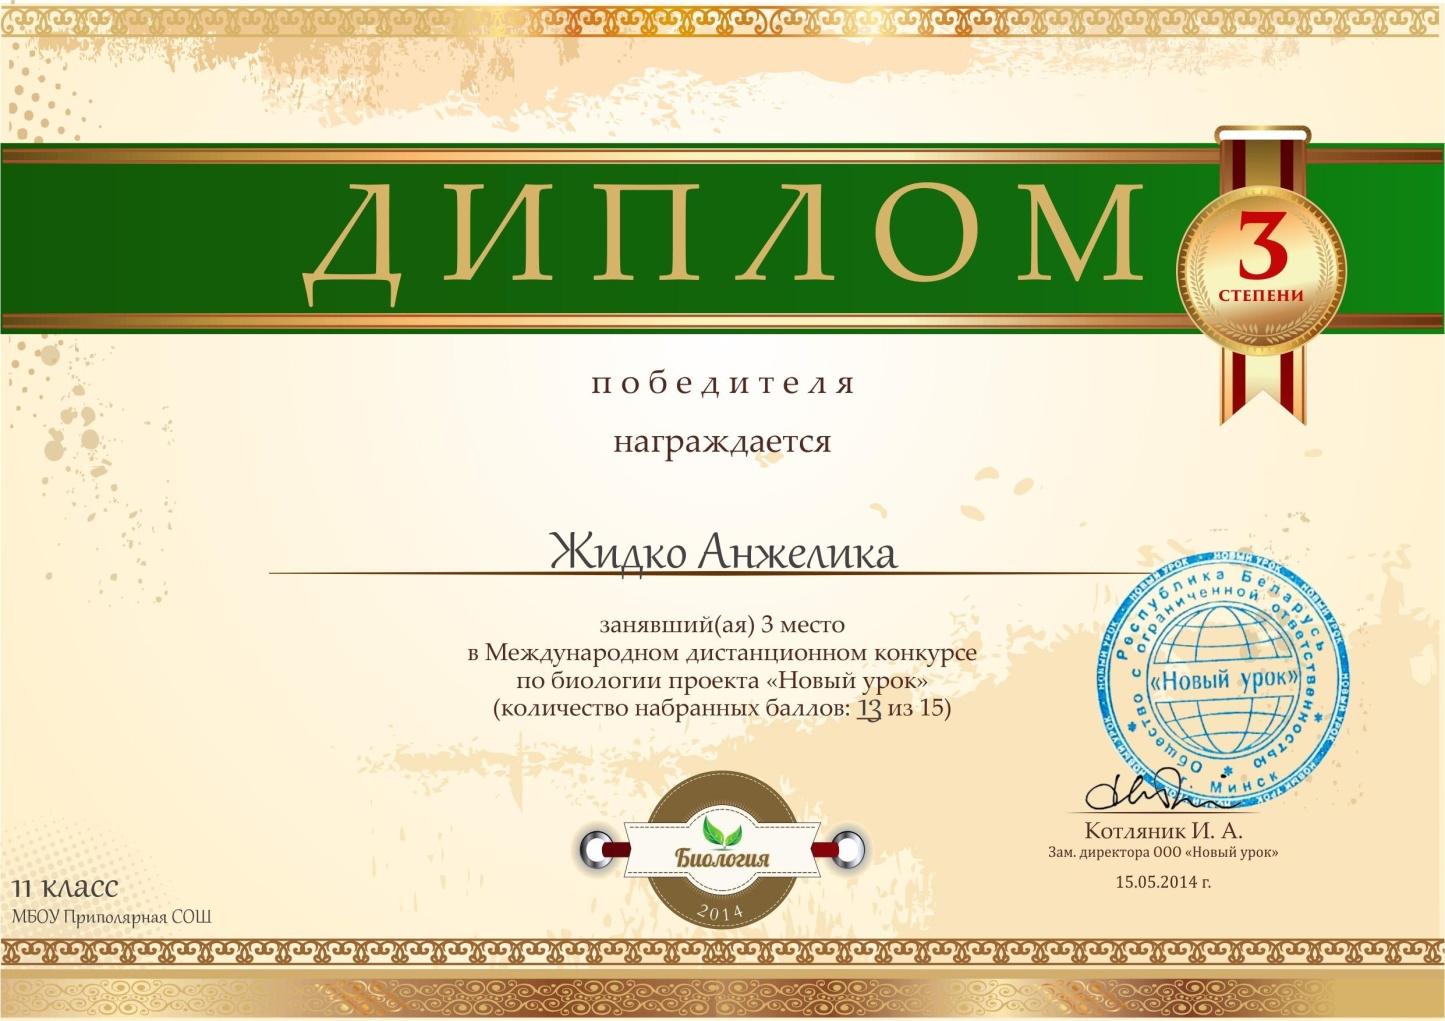 F:\документы ОНочевчук\4.2 победители\14 диплом 3 степени биология.JPG